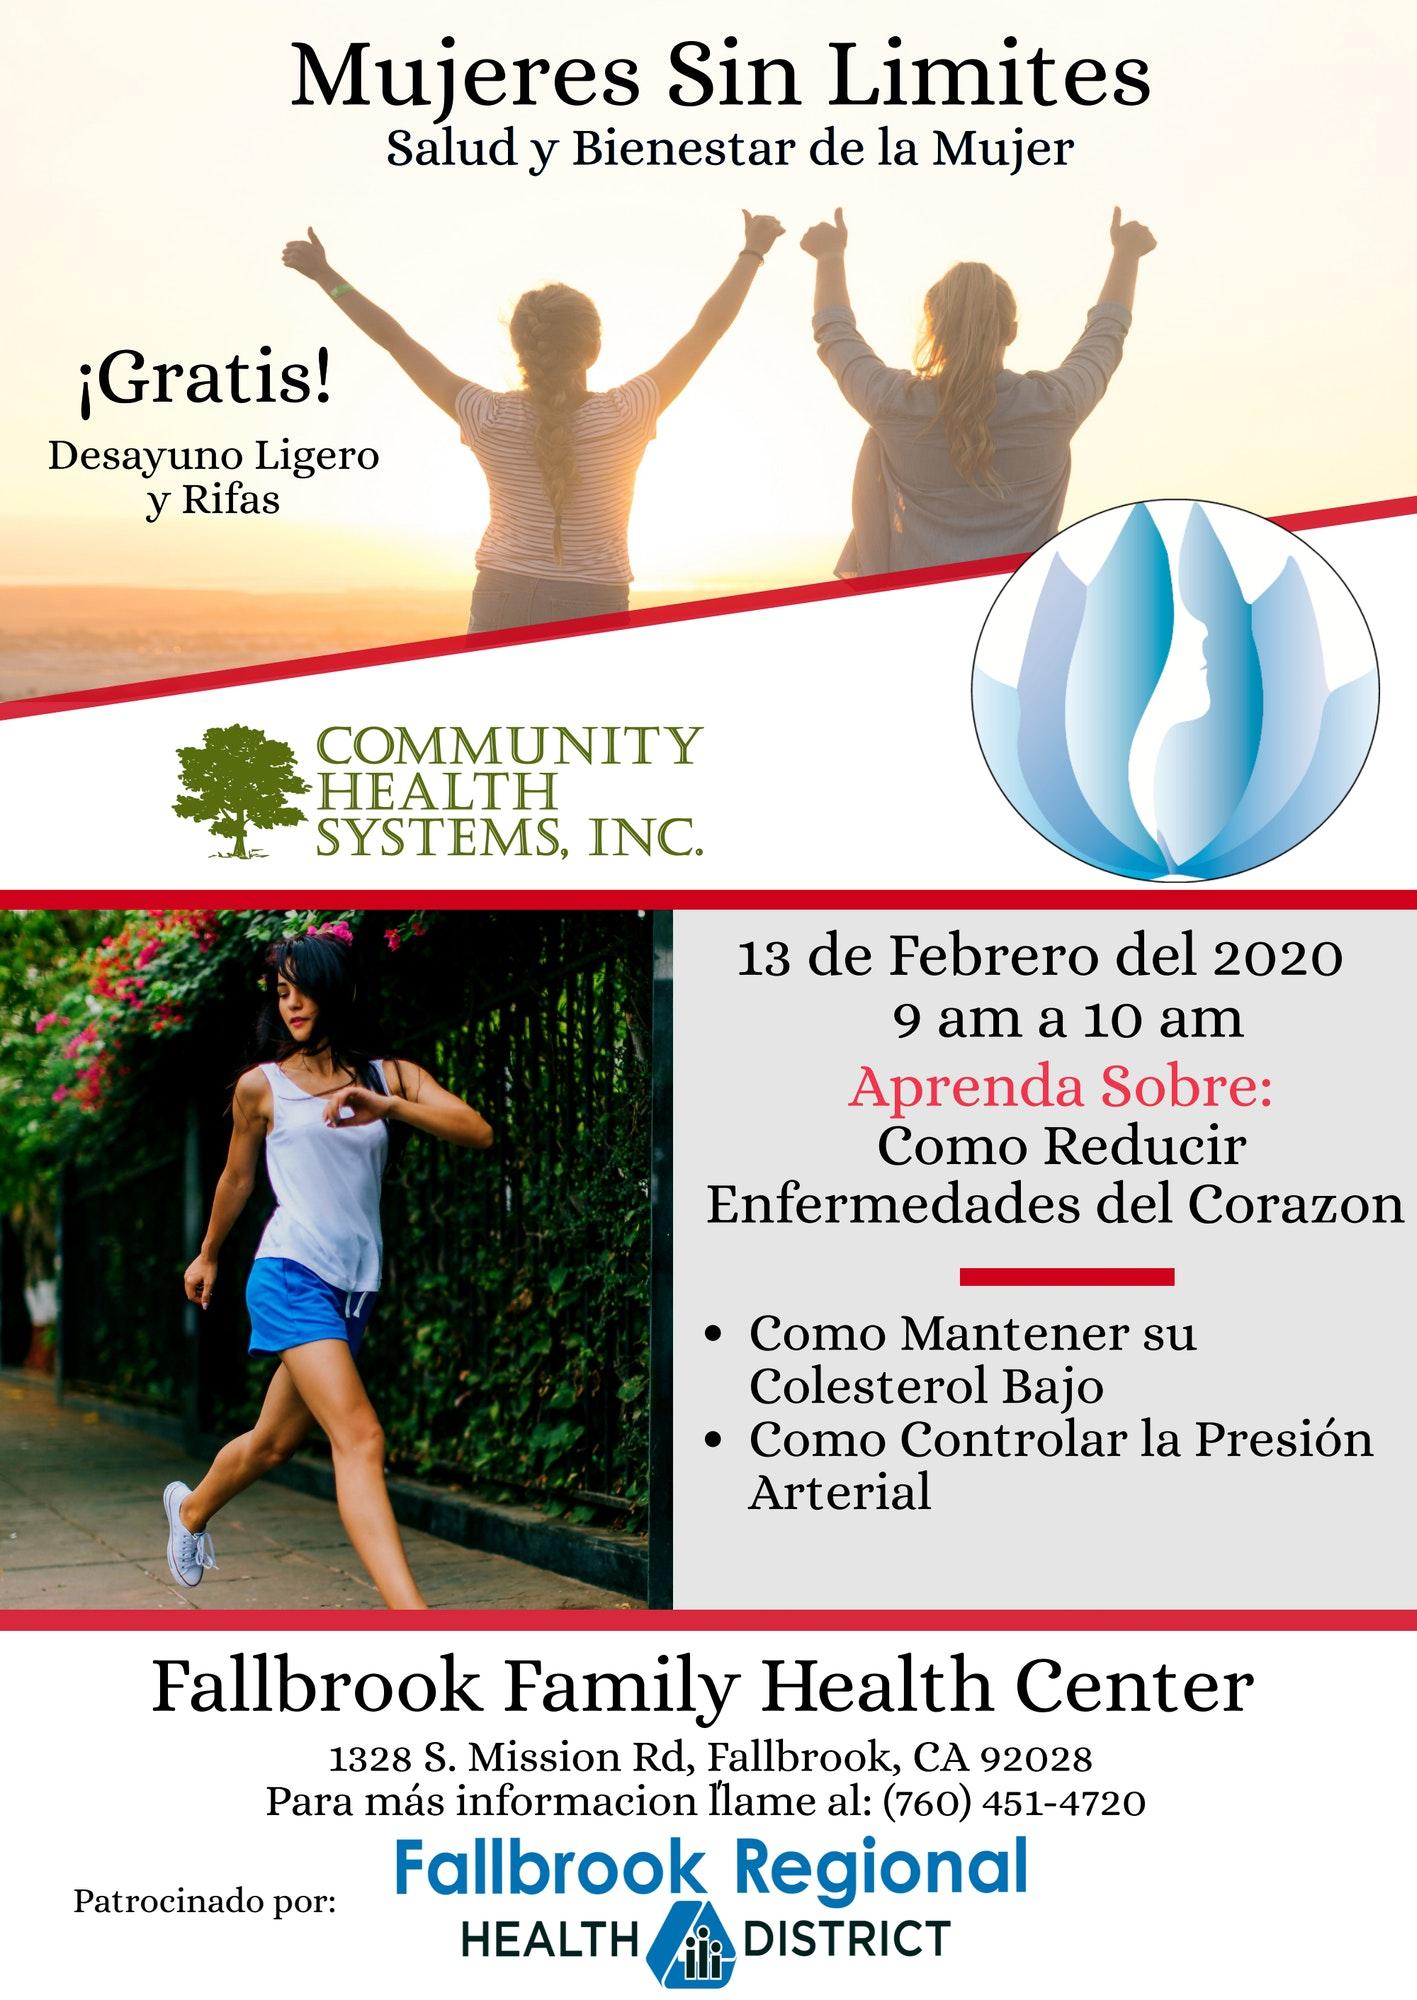 Anuncio de Mujeres Sin Limites evento: 13 de febrero, 9am-10am. Aprenda sobre como reducir enfermedades del corazon. 1328 S. Mission Rd., Fallbrook